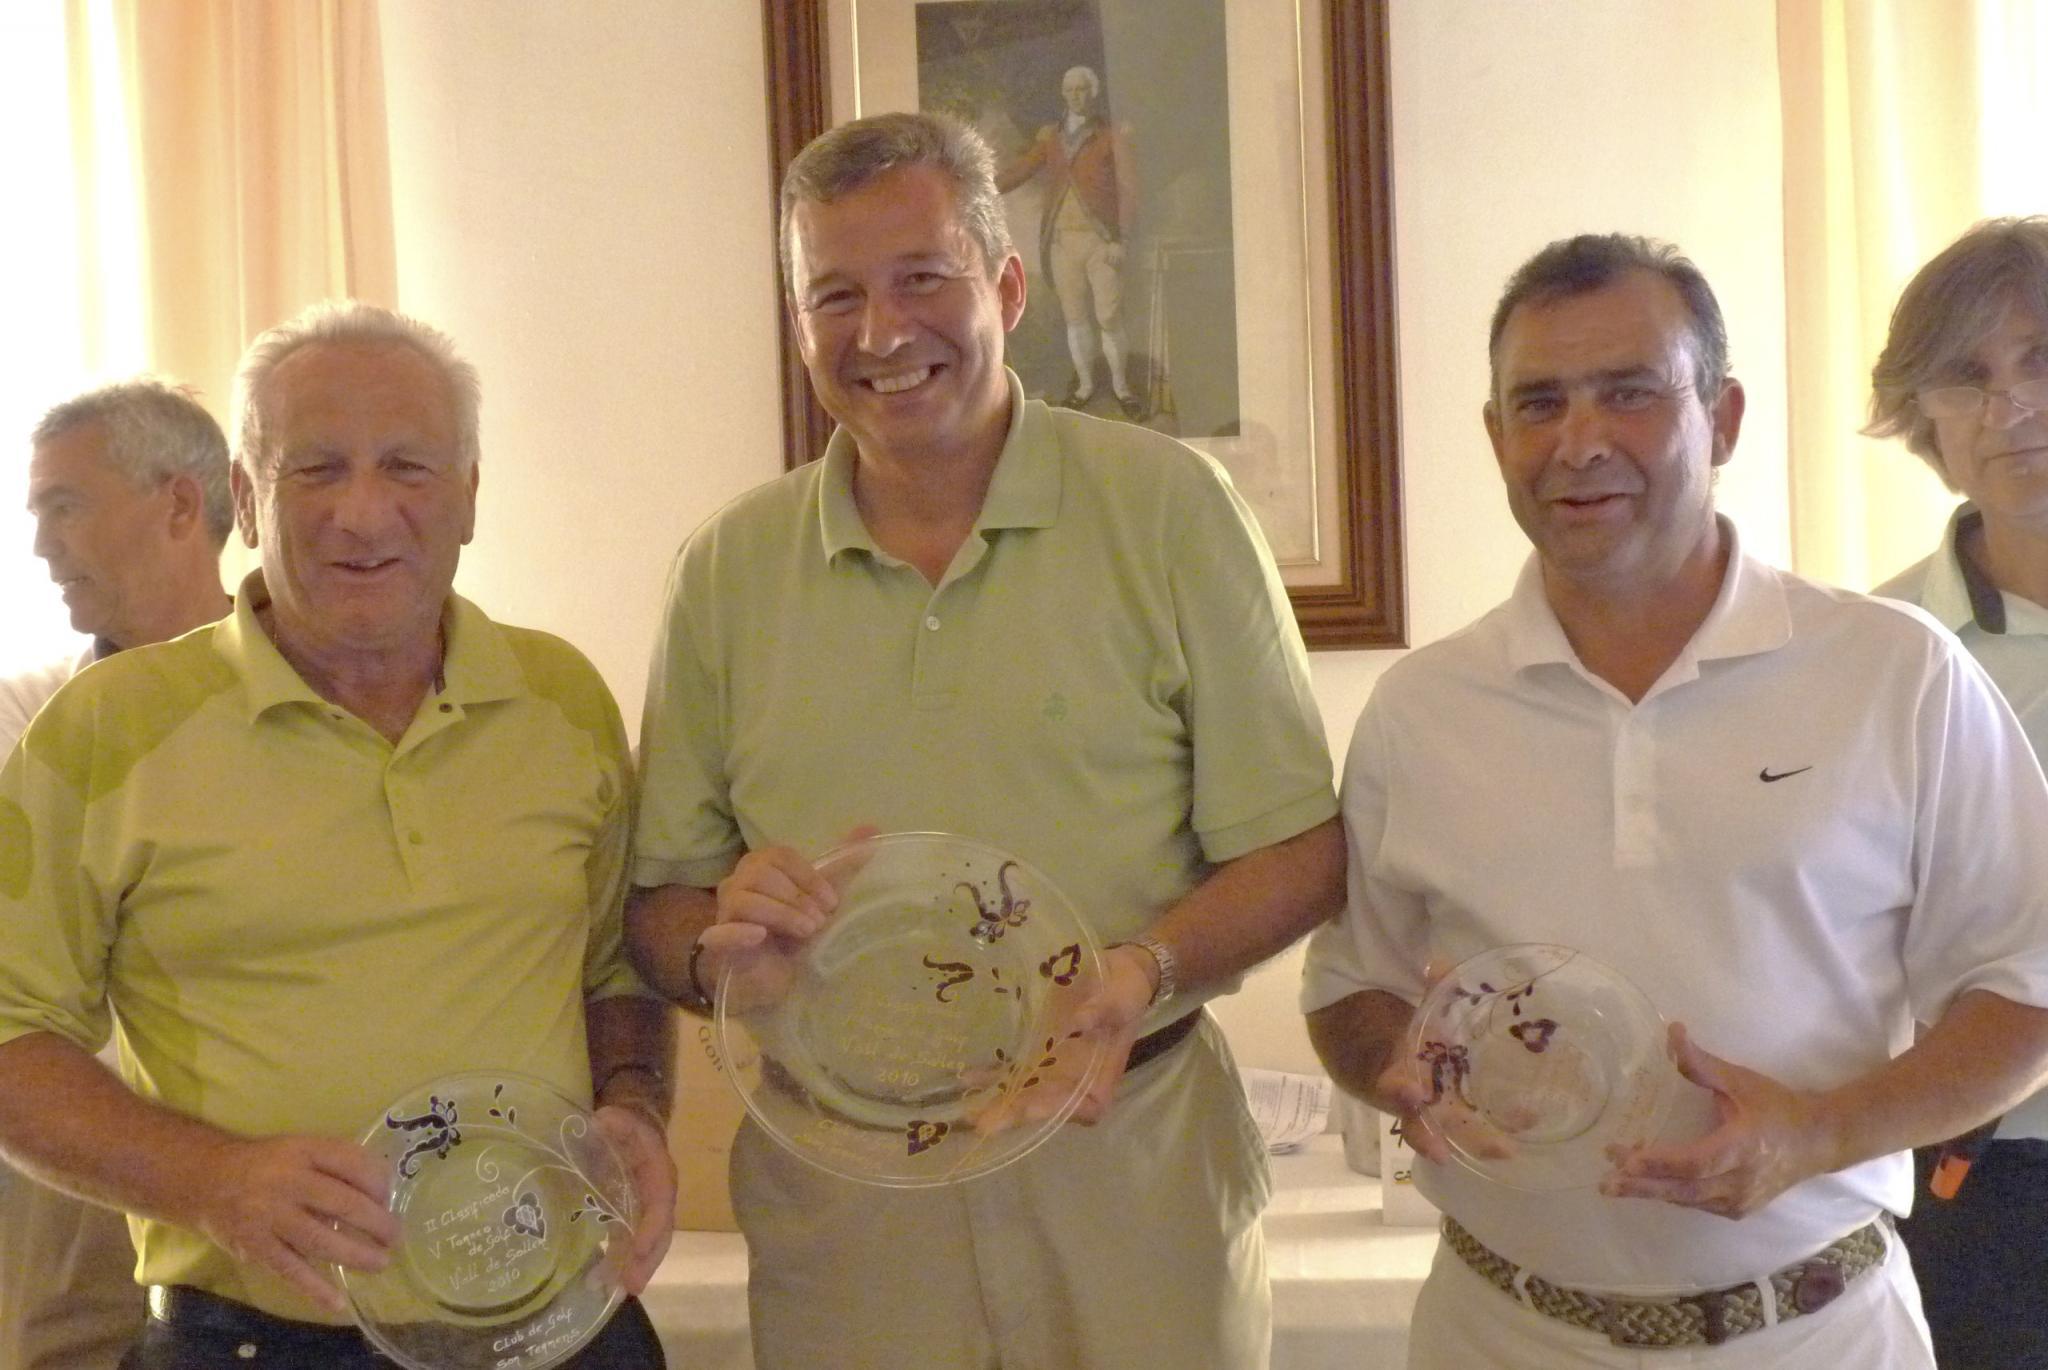 V Torneo Vall de Sóller, a beneficio de Amics de la Infància